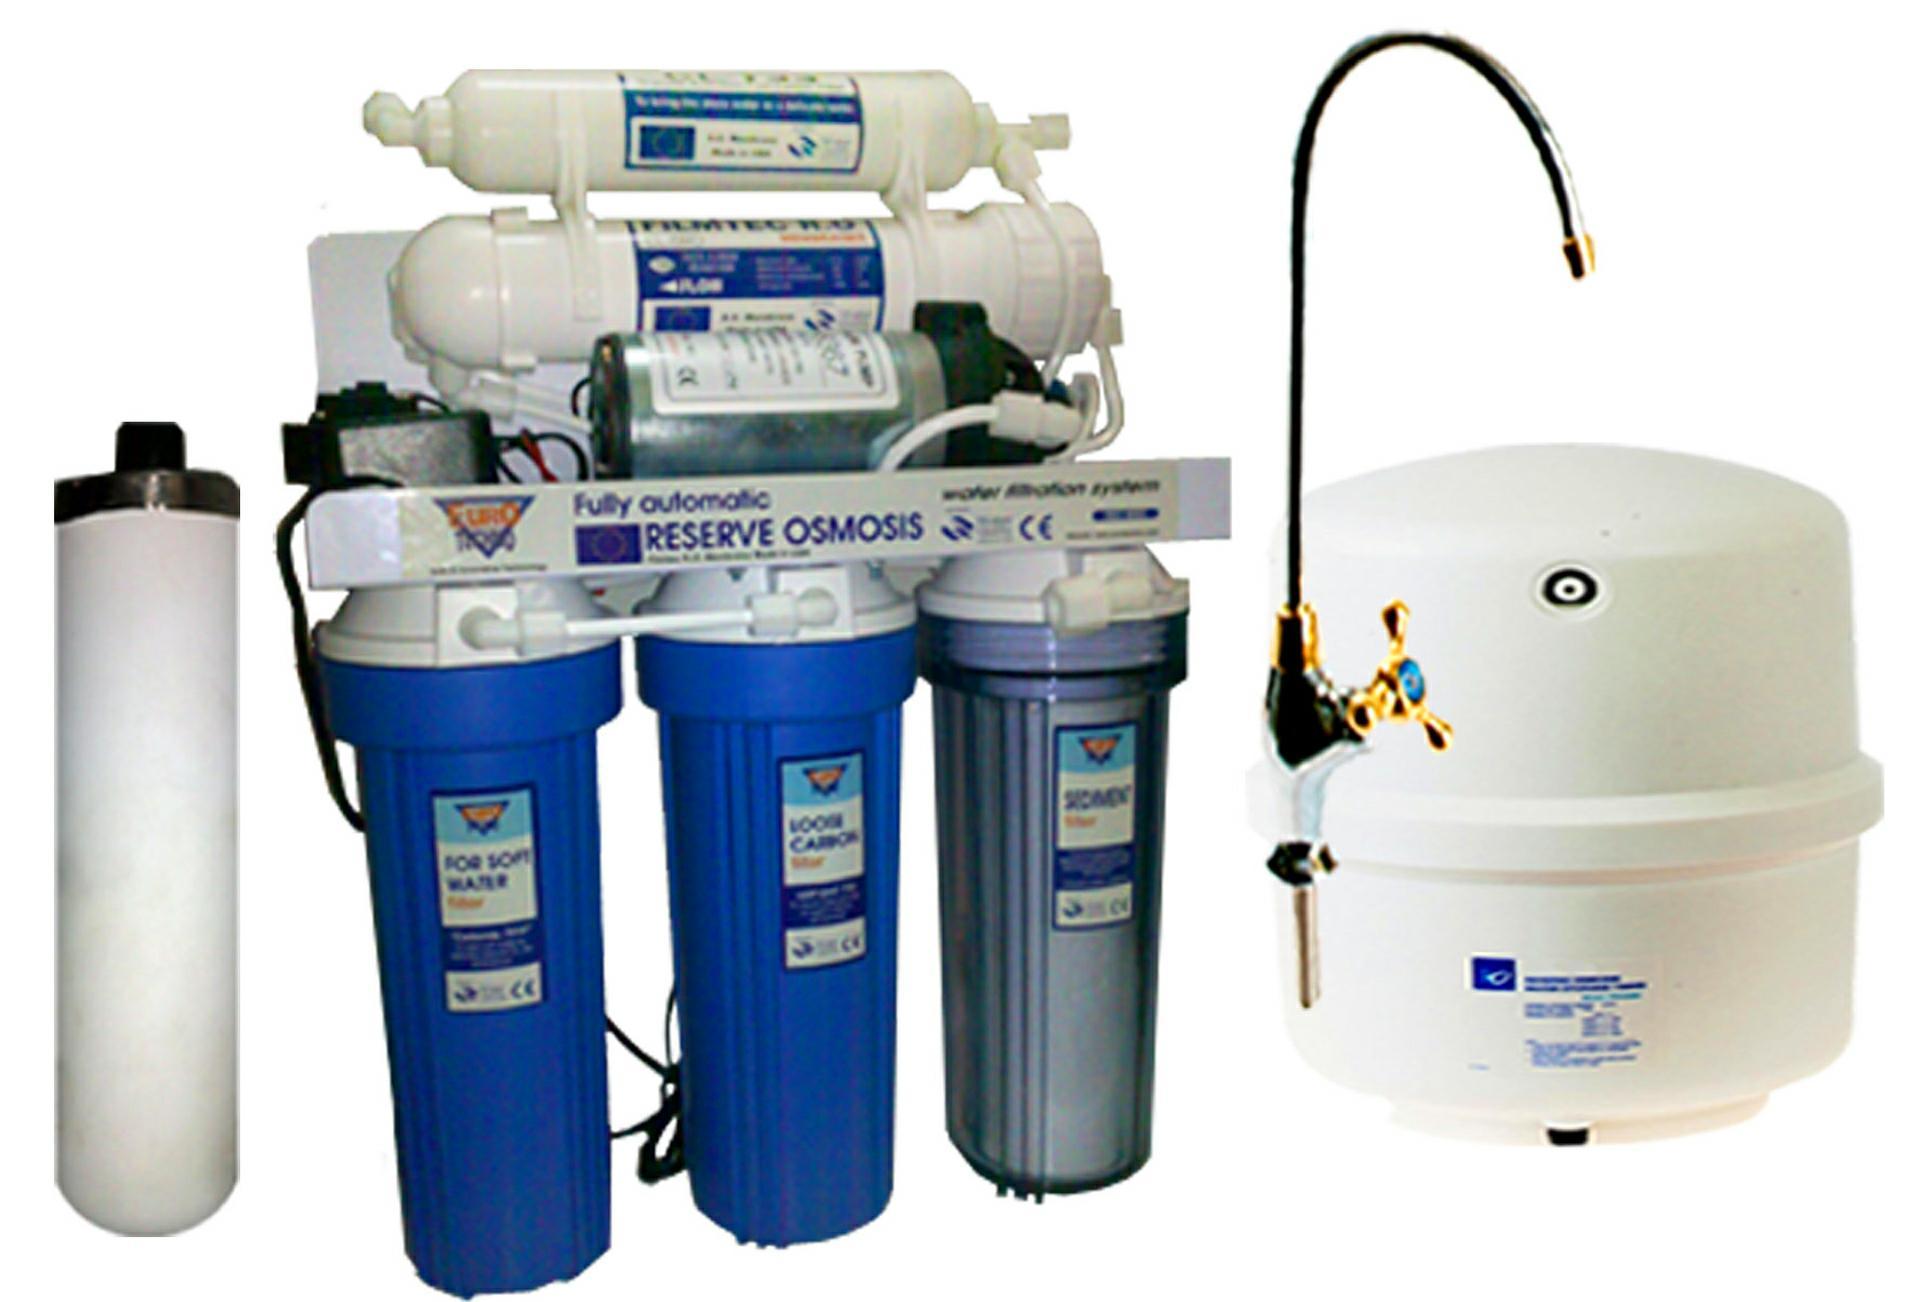 Ích lợi khi sử dụng máy lọc nước gia đình